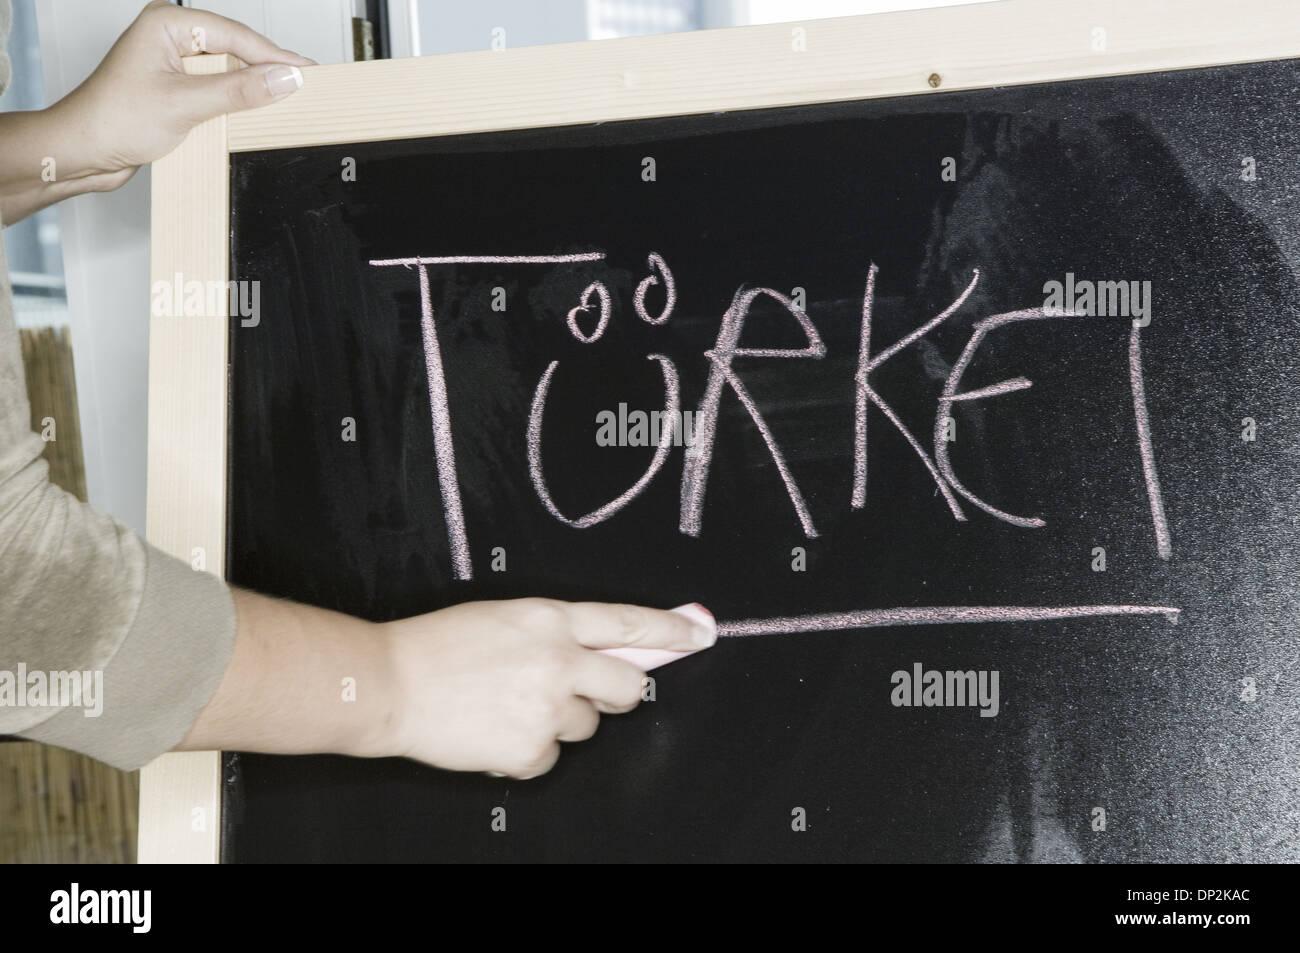 Türkei, turkey written on blackboard (model-released) Stock Photo